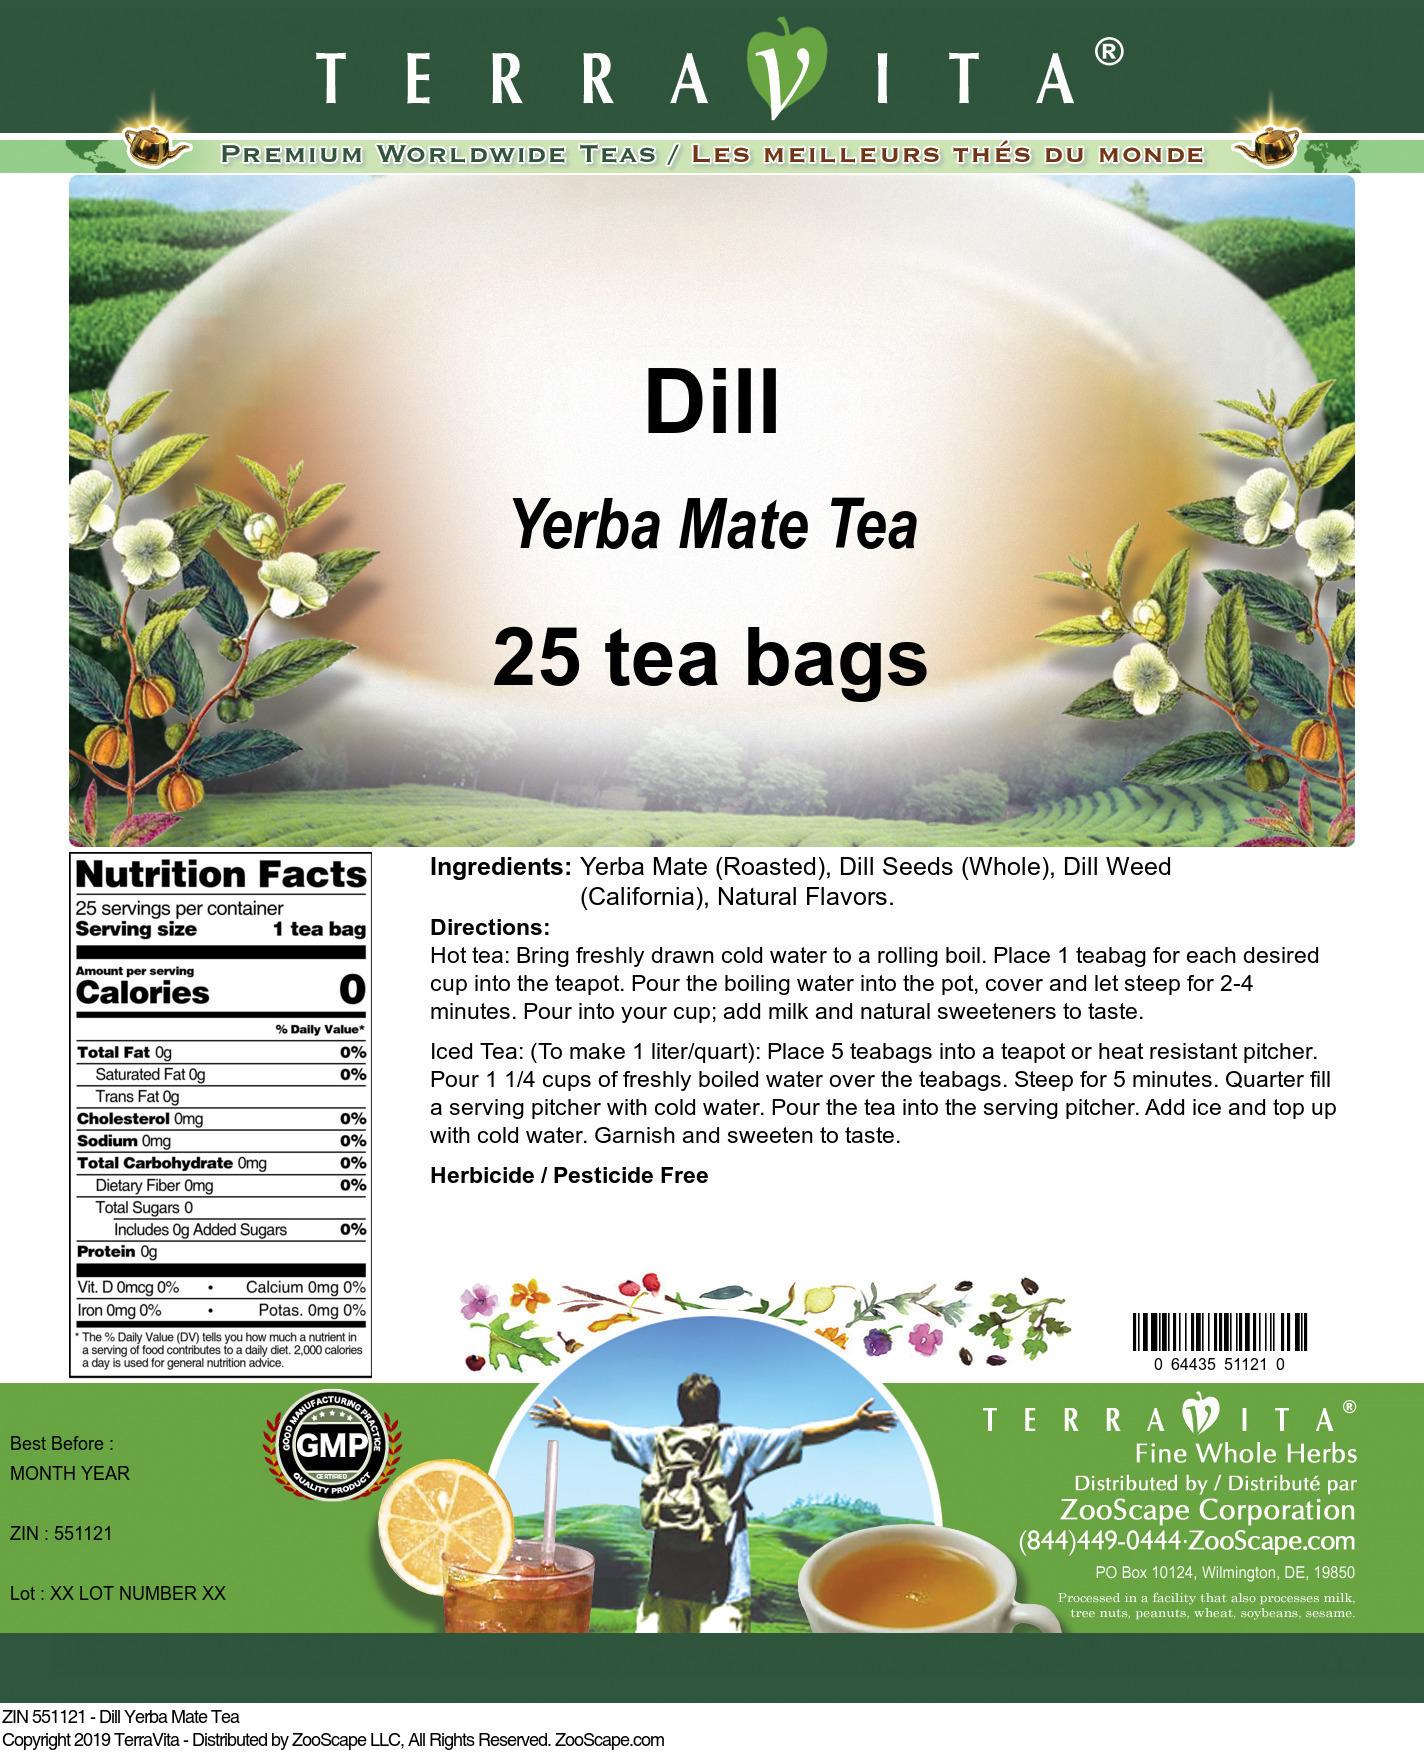 Dill Yerba Mate Tea